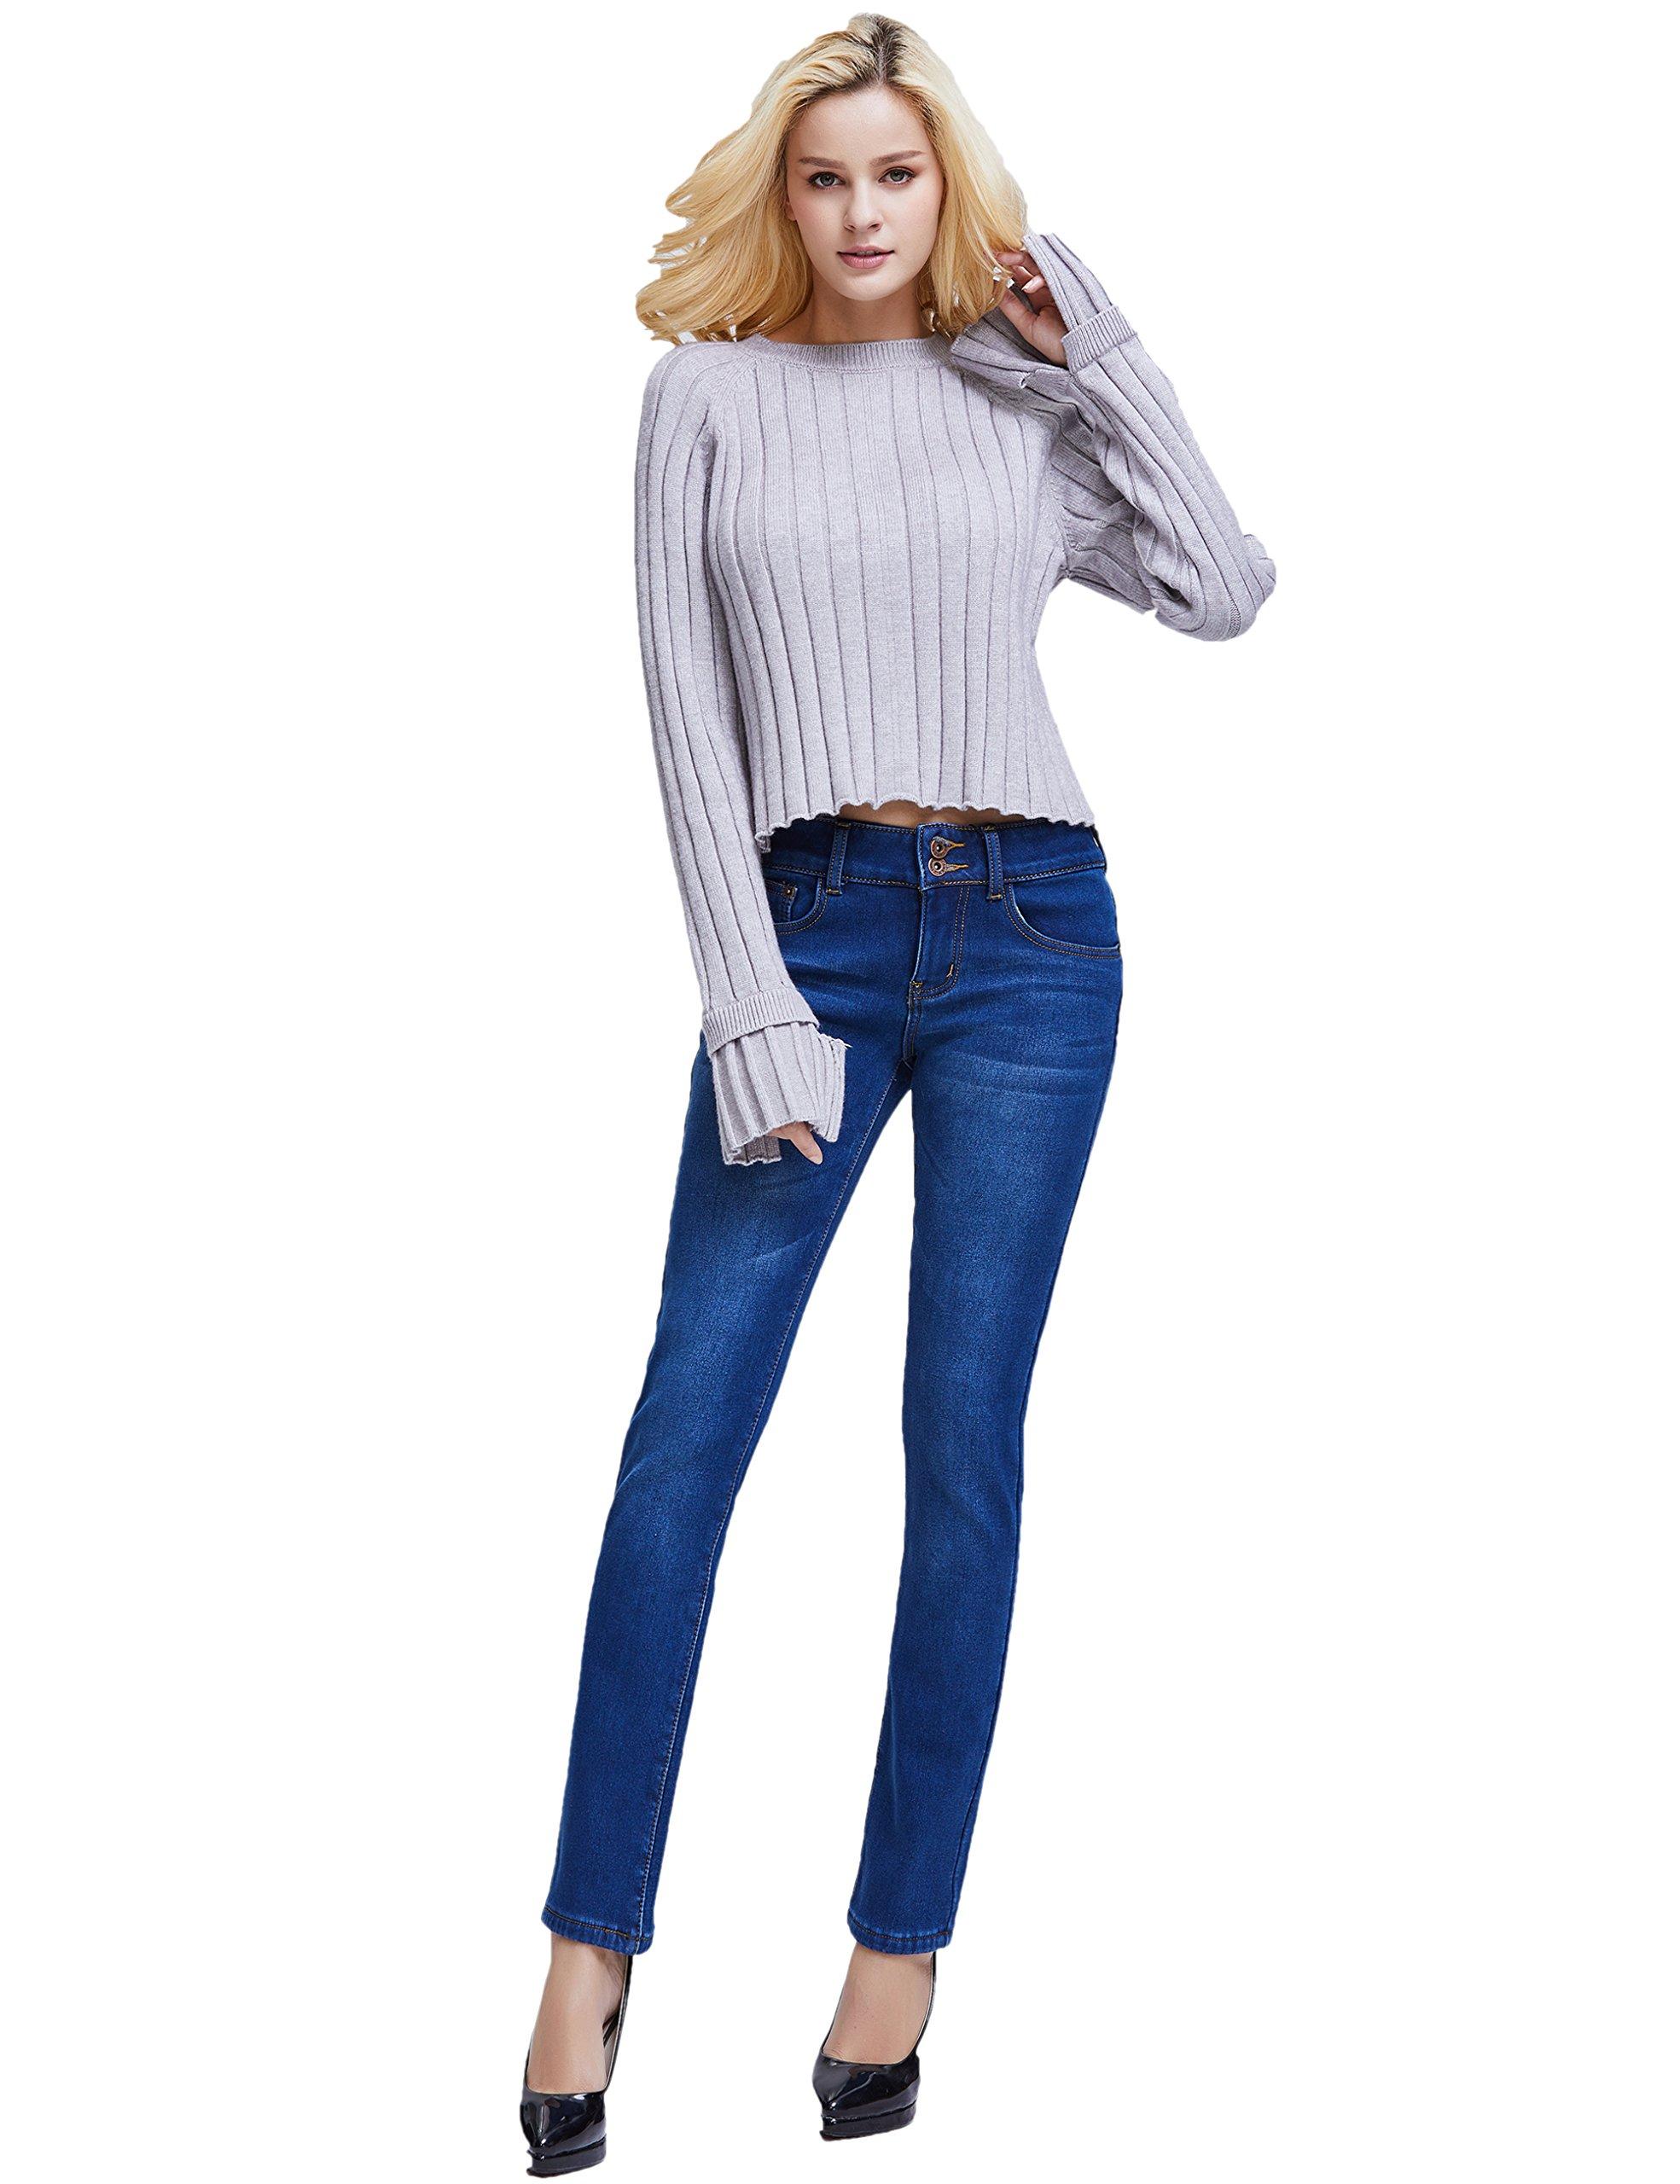 Camii Mia Women's Slim Fit Fleece Lined Jeans (W27 x L30, Blue (New Size)) by Camii Mia (Image #6)